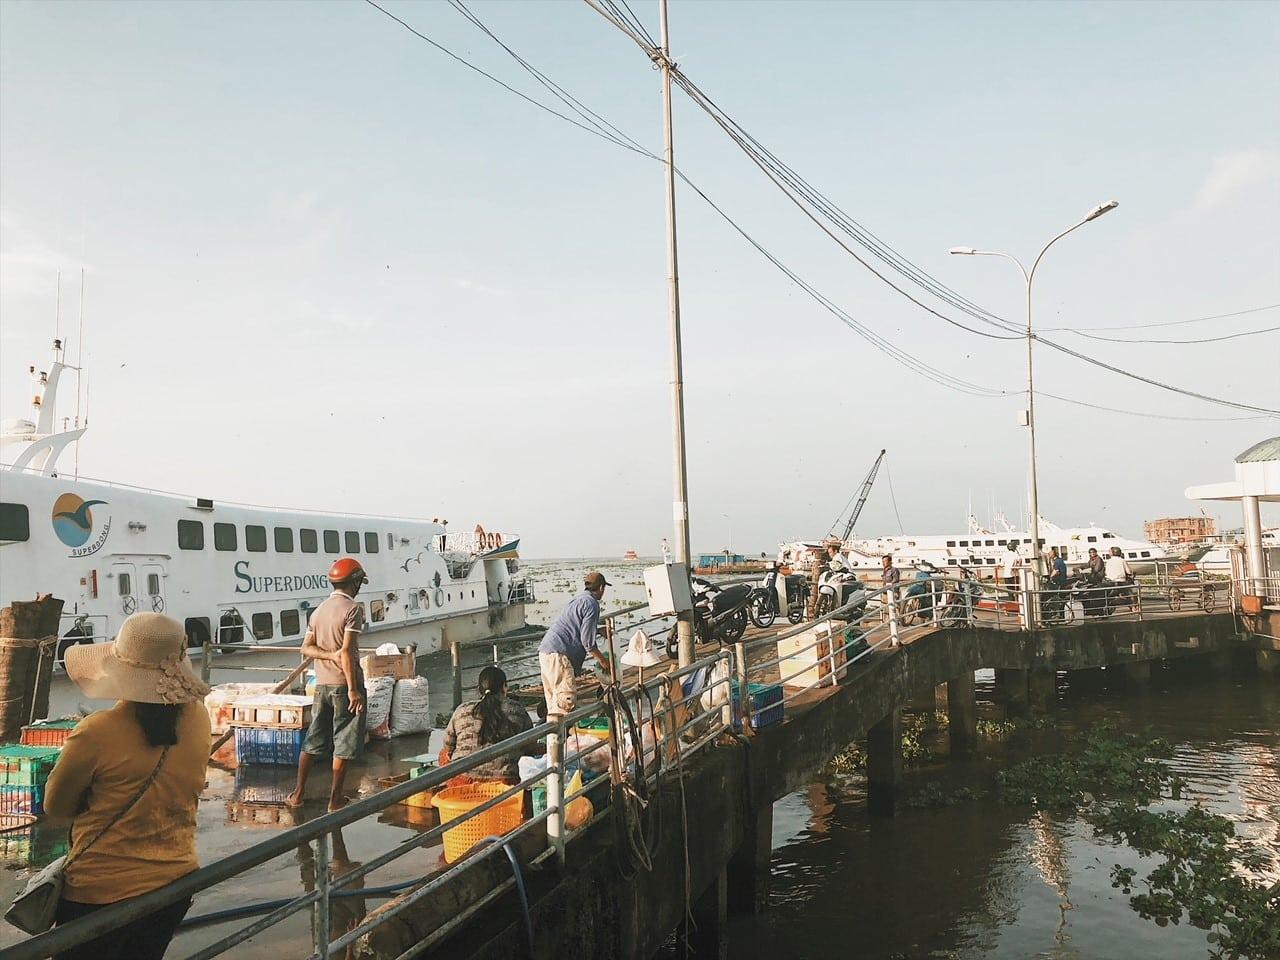 port rach gia w wietnamie, viet, travel for phu quoc, neverendingtravel, prom, łodzie, rybacy, wietnamskie , z sajgonu na wyspę phu quoc